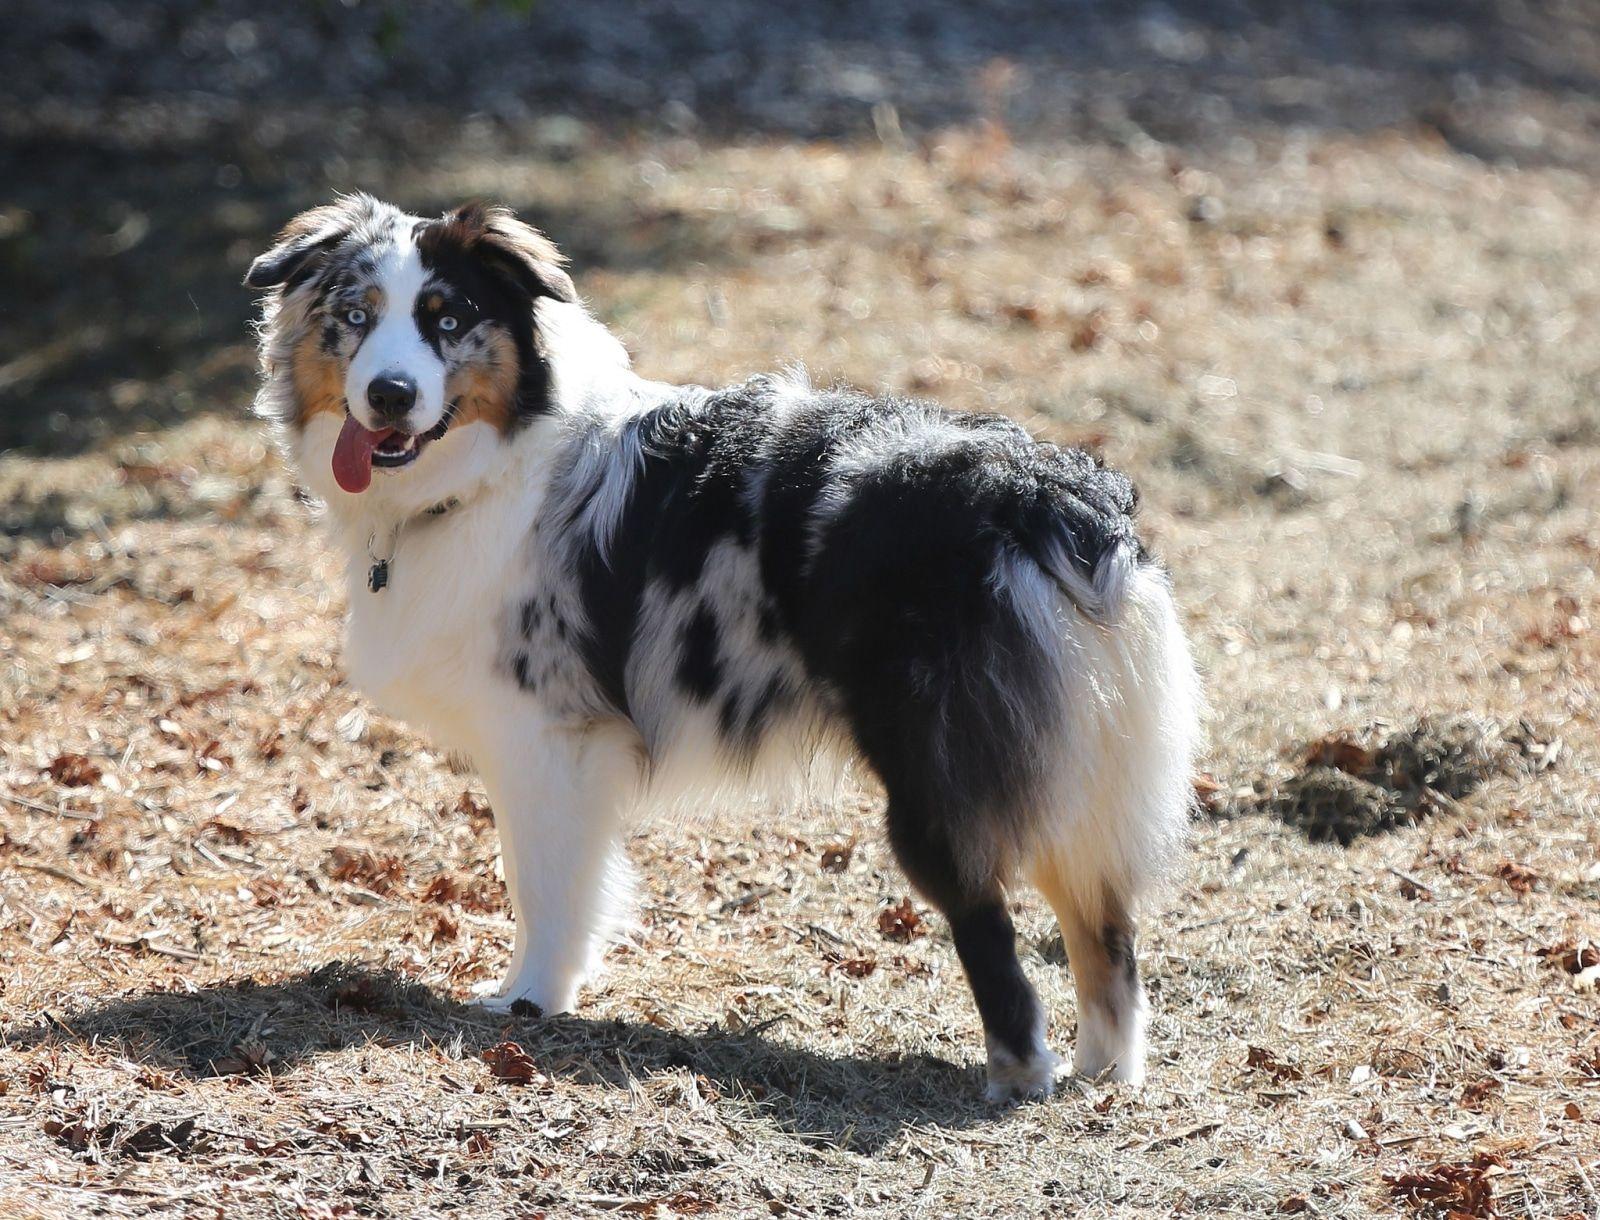 King Size Bett Staudenbeet Ideen Kokosol Gegen Sonnenbrand Australian Shepherds Hunde Und Hunde Fotos